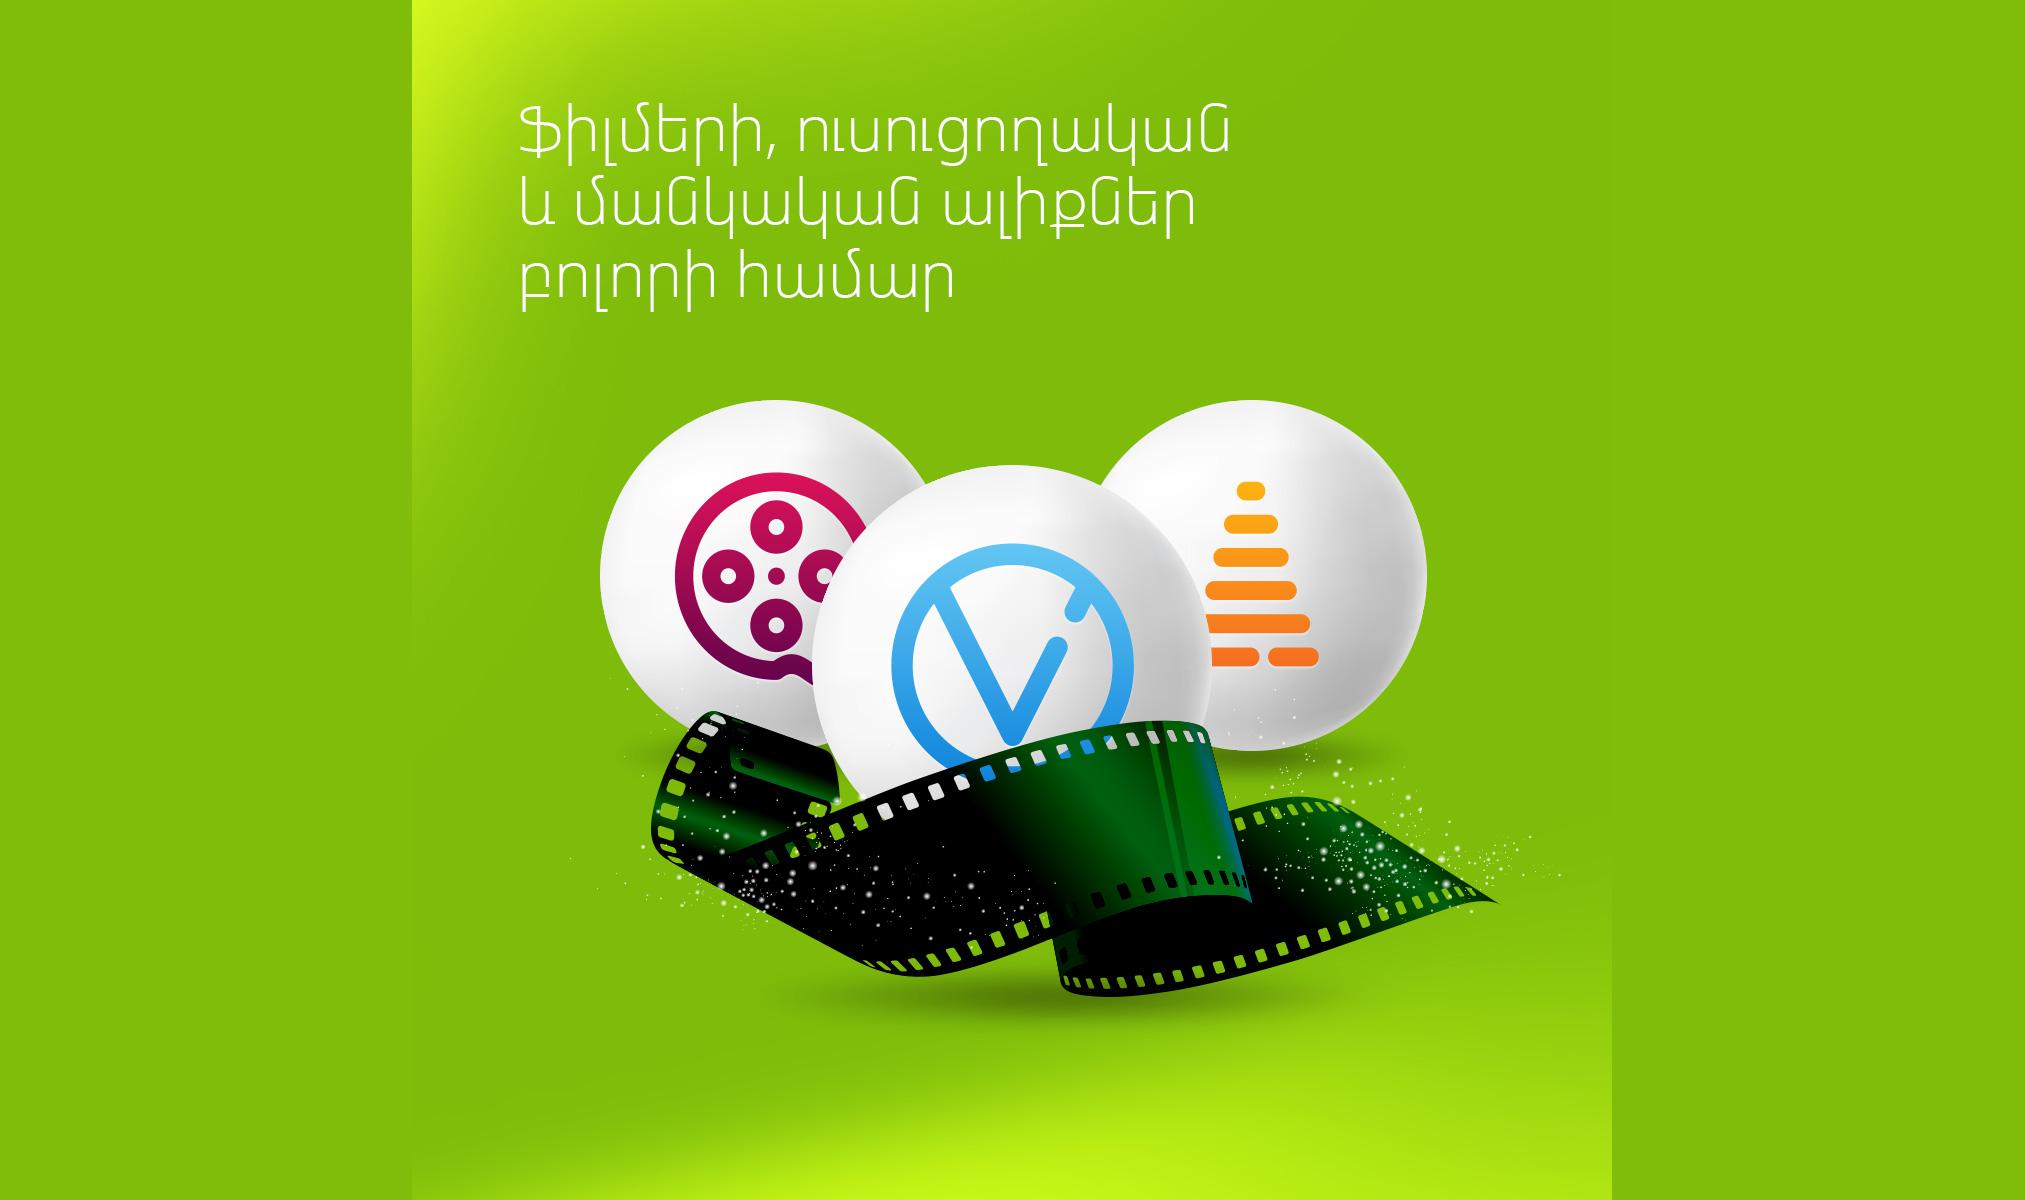 Ucom. Viasat, ֆիլմերի և մանկական բոլոր ալիքներն հասանելի են առանց հավելավճարի